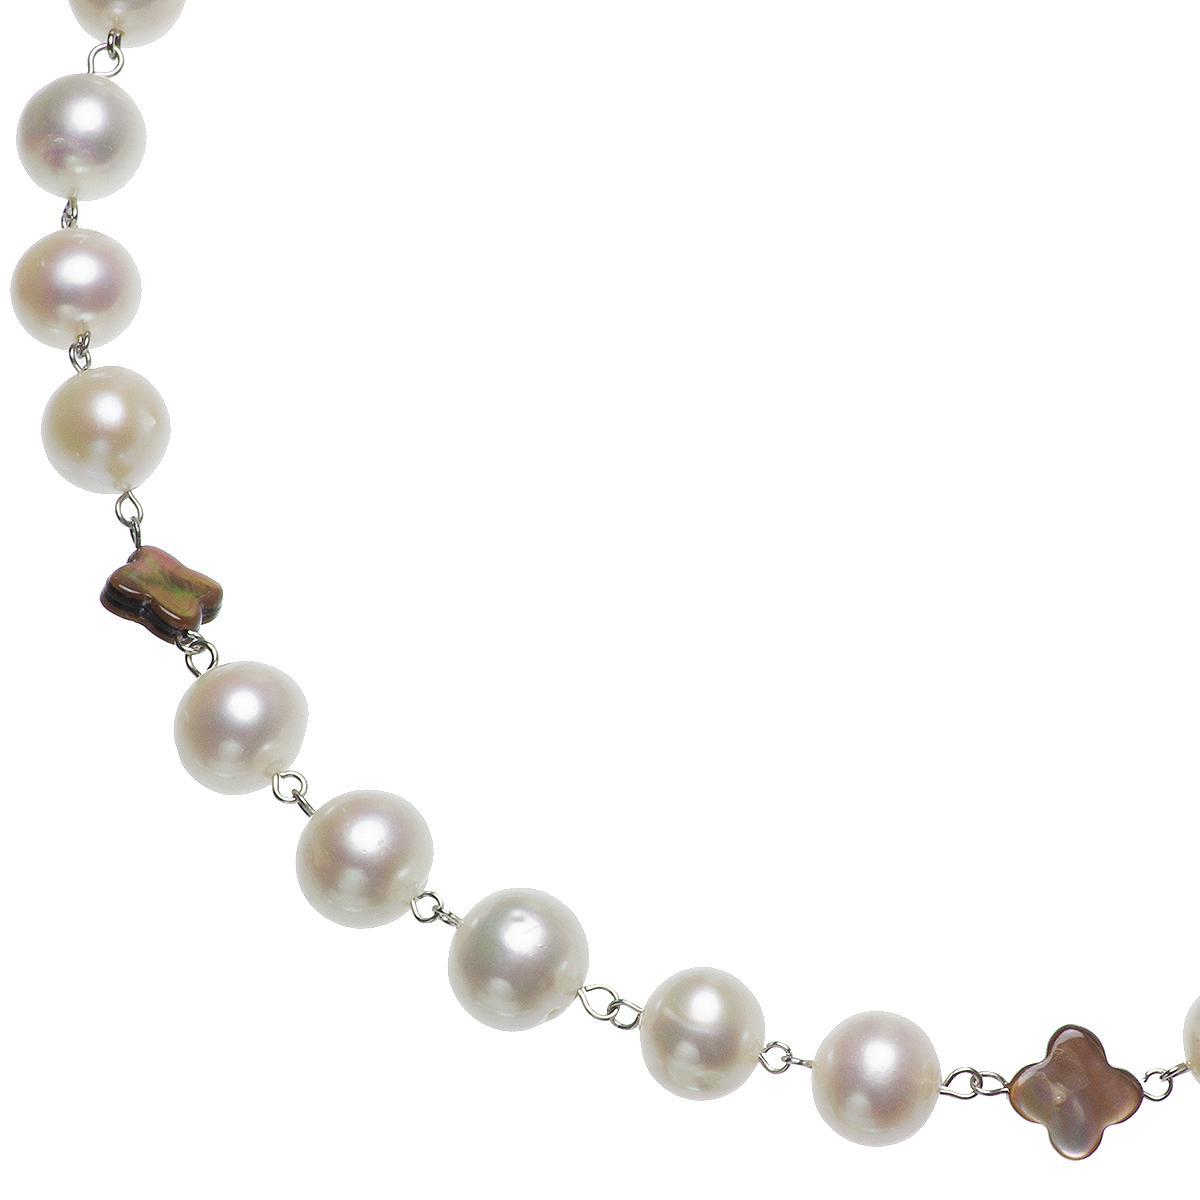 淡水真珠 オリジナル デザイン ネックレス 9.0-10.0mmの写真